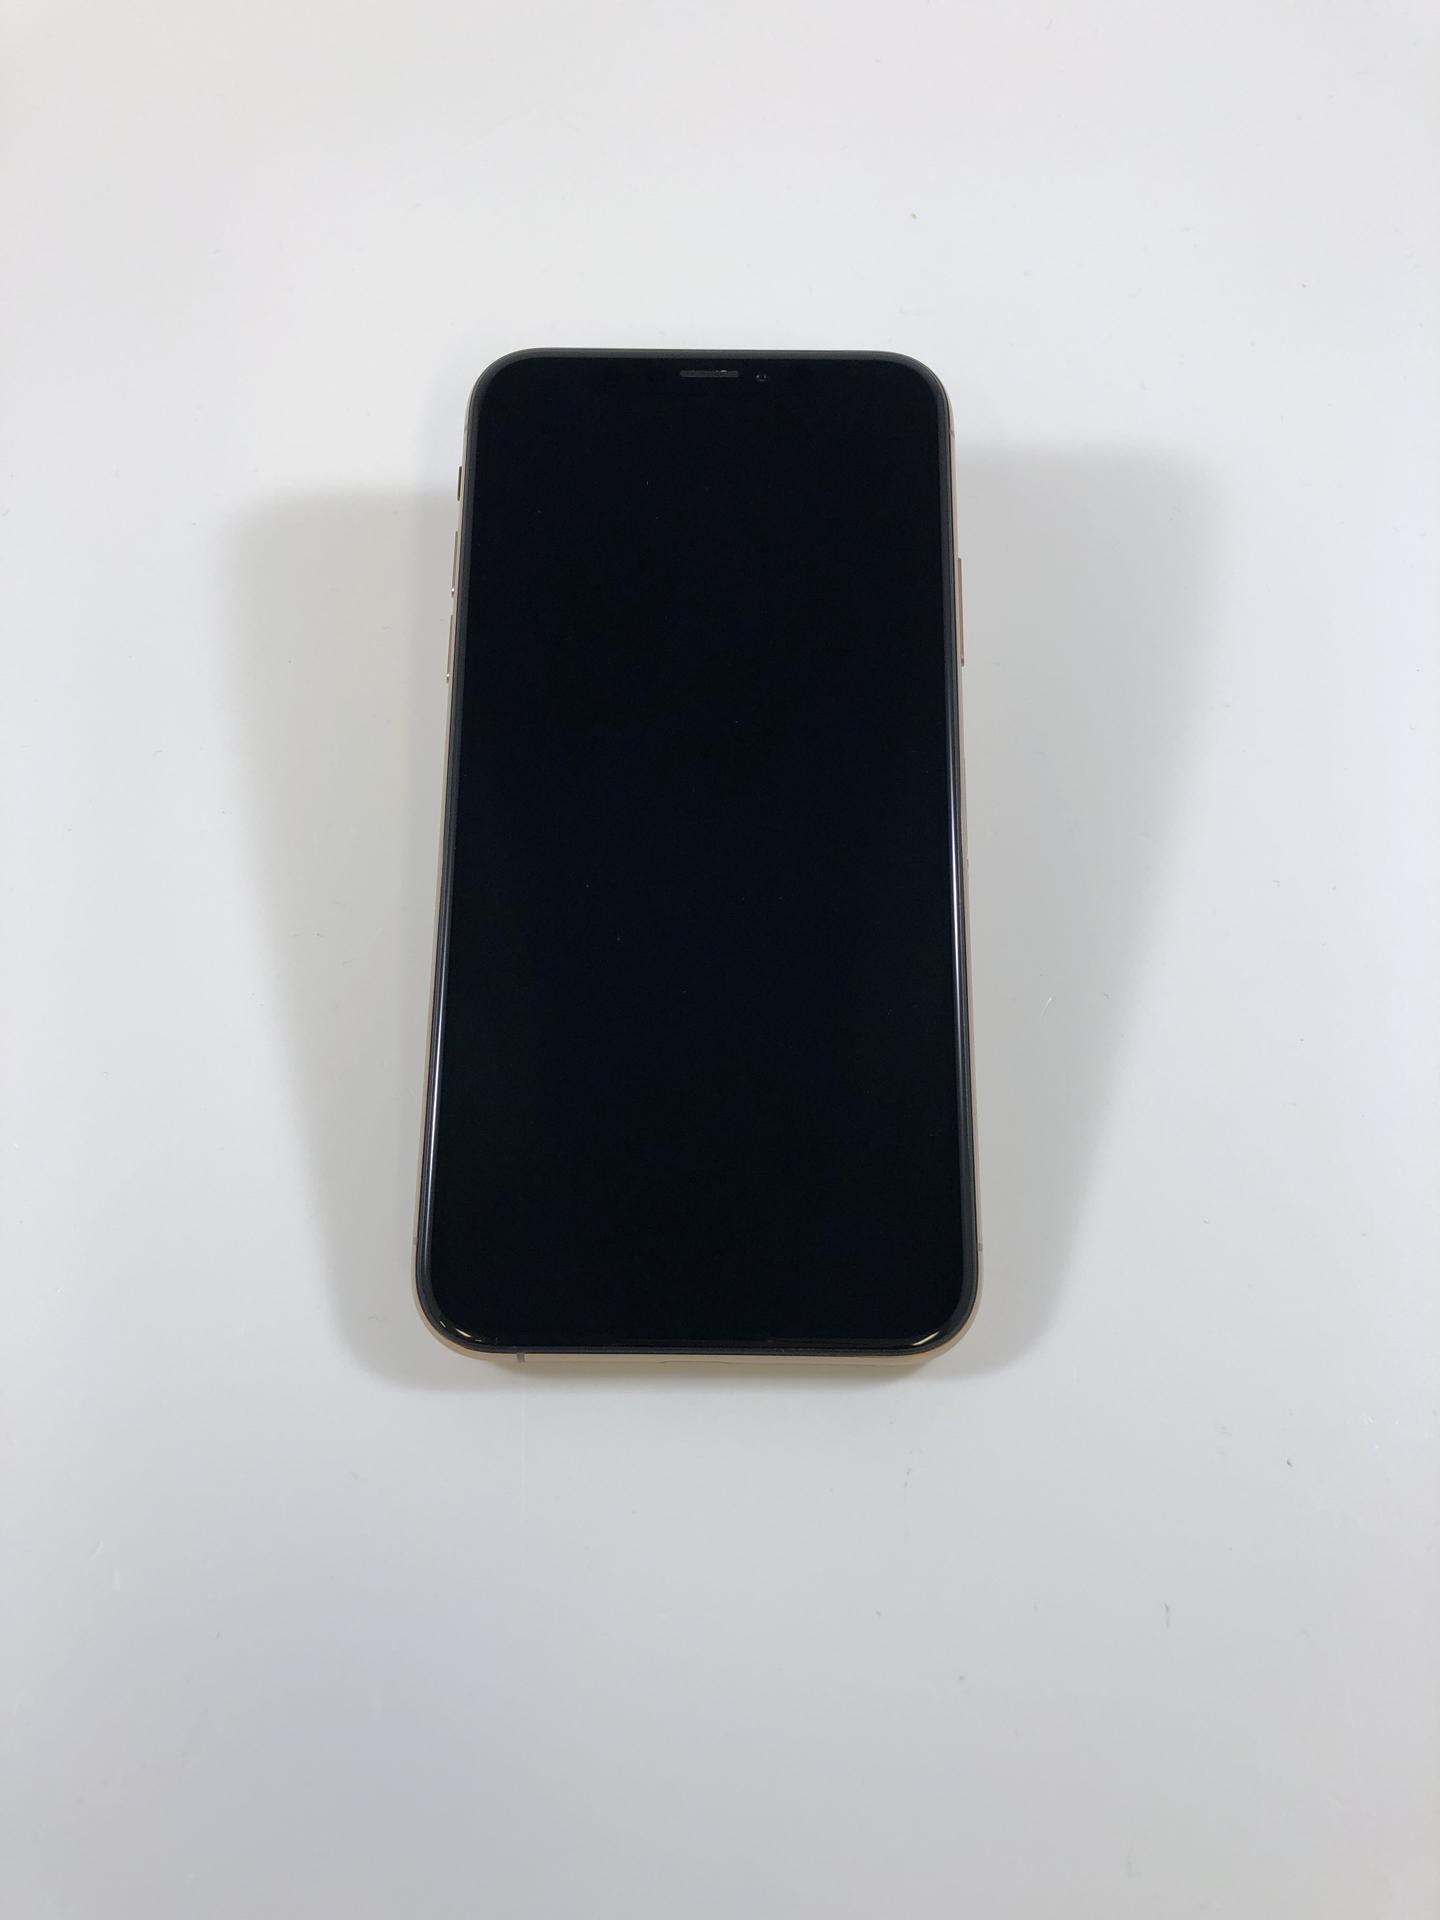 iPhone XS 256GB, 256GB, Gold, image 2